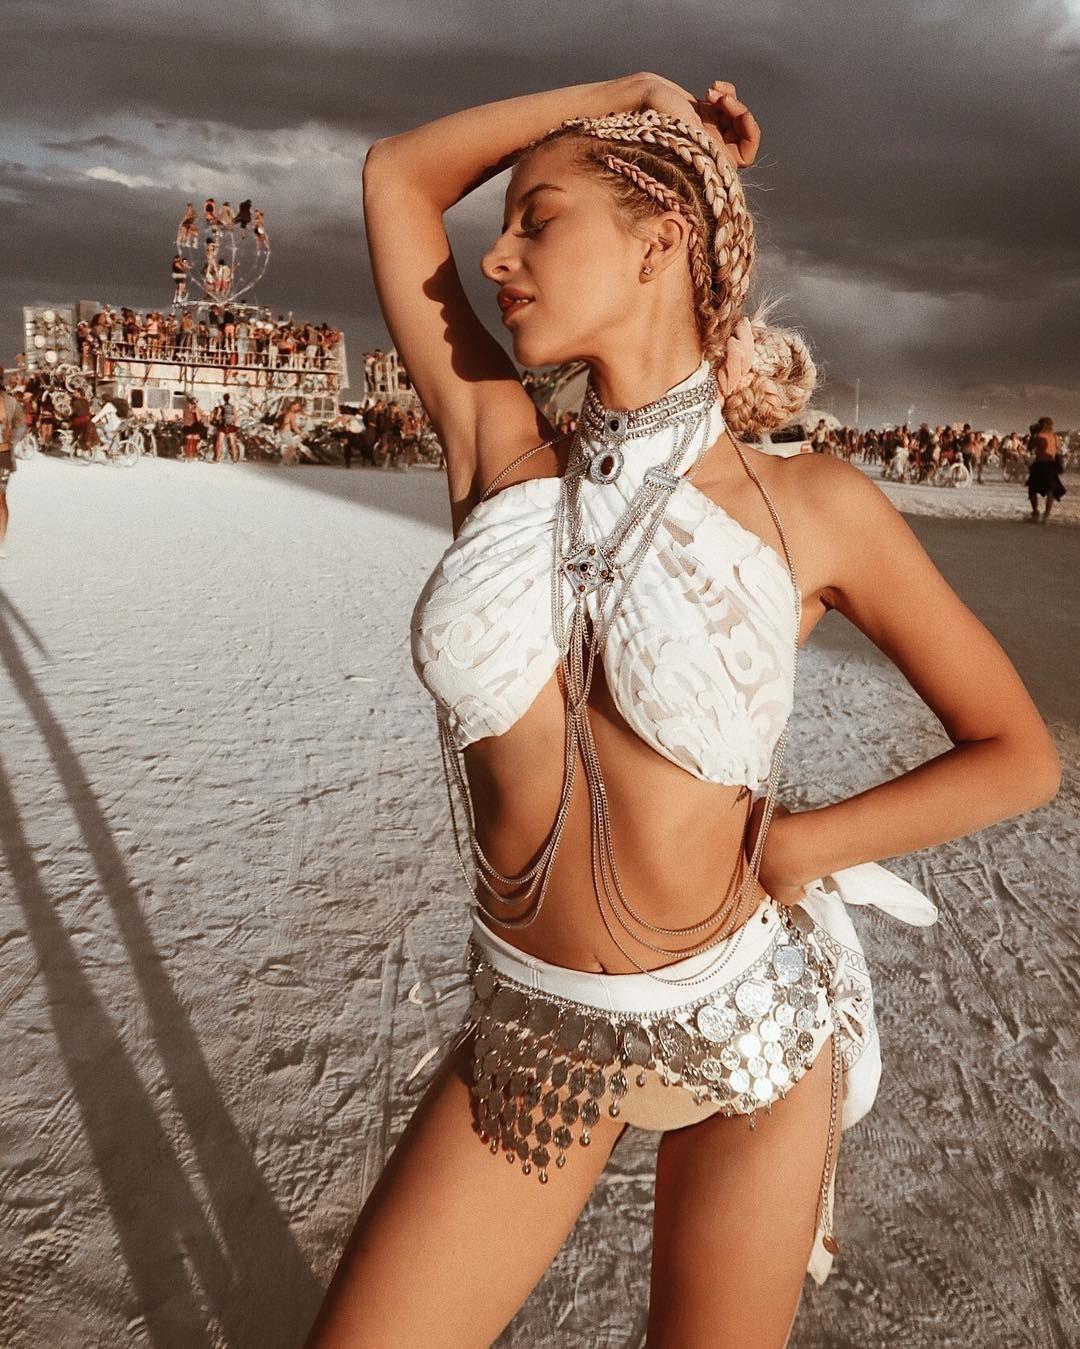 Пилюка, голі тіла та сучасне мистецтво: круті фото з фестивалю Burning Man 2017 - фото 336434